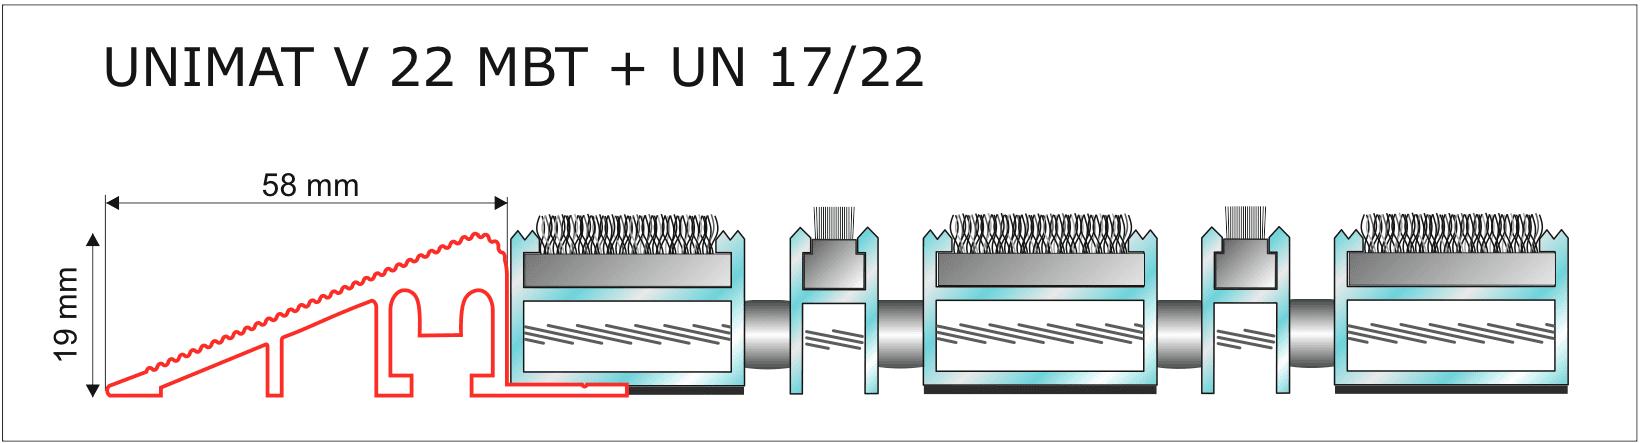 Unimat V 22 MBT + UN22.png